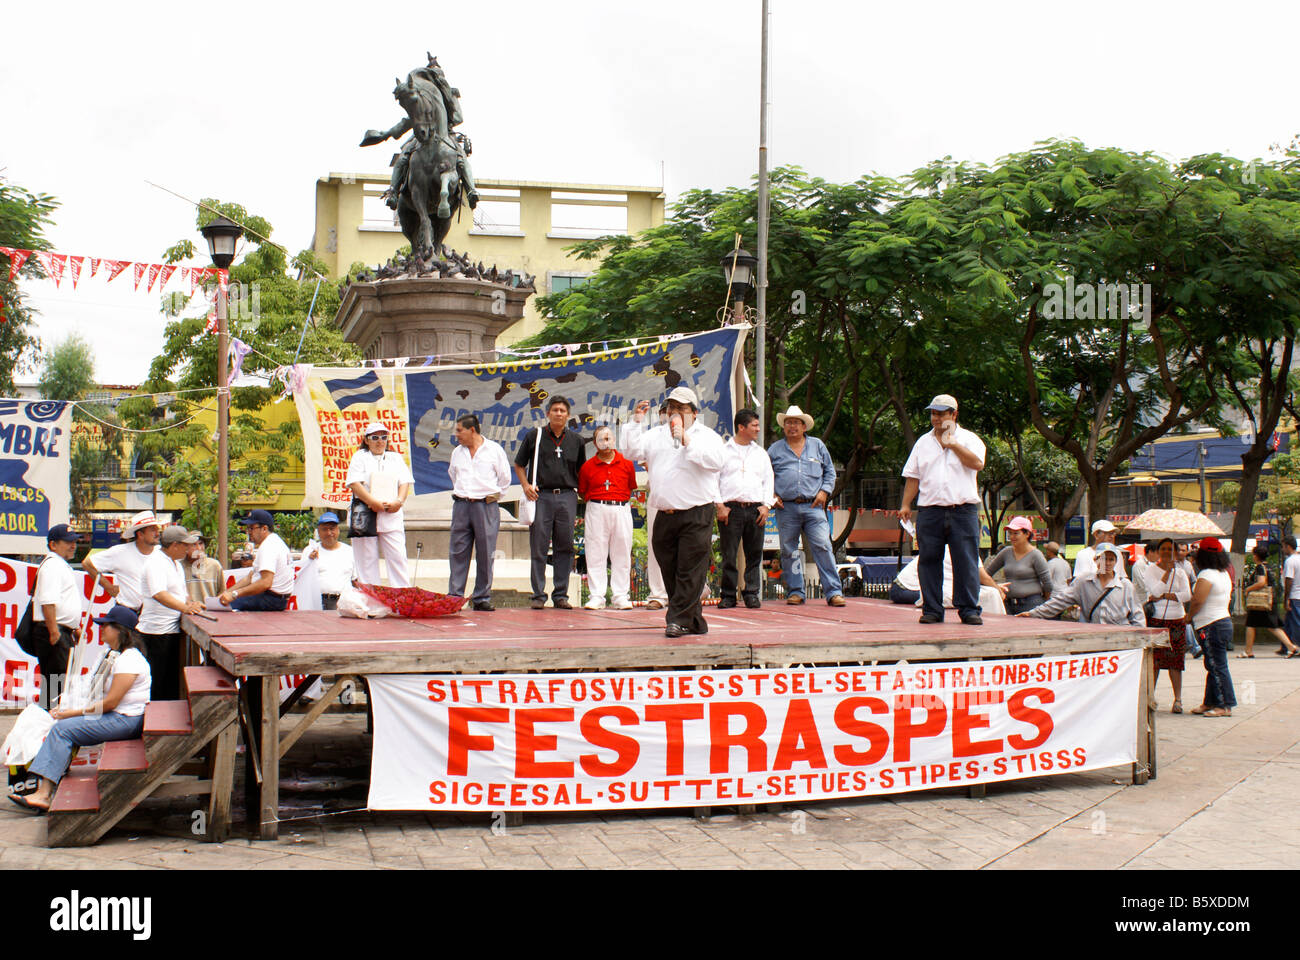 Trade union protest in Plaza Barrios in downtown San Salvador, El Salvador - Stock Image